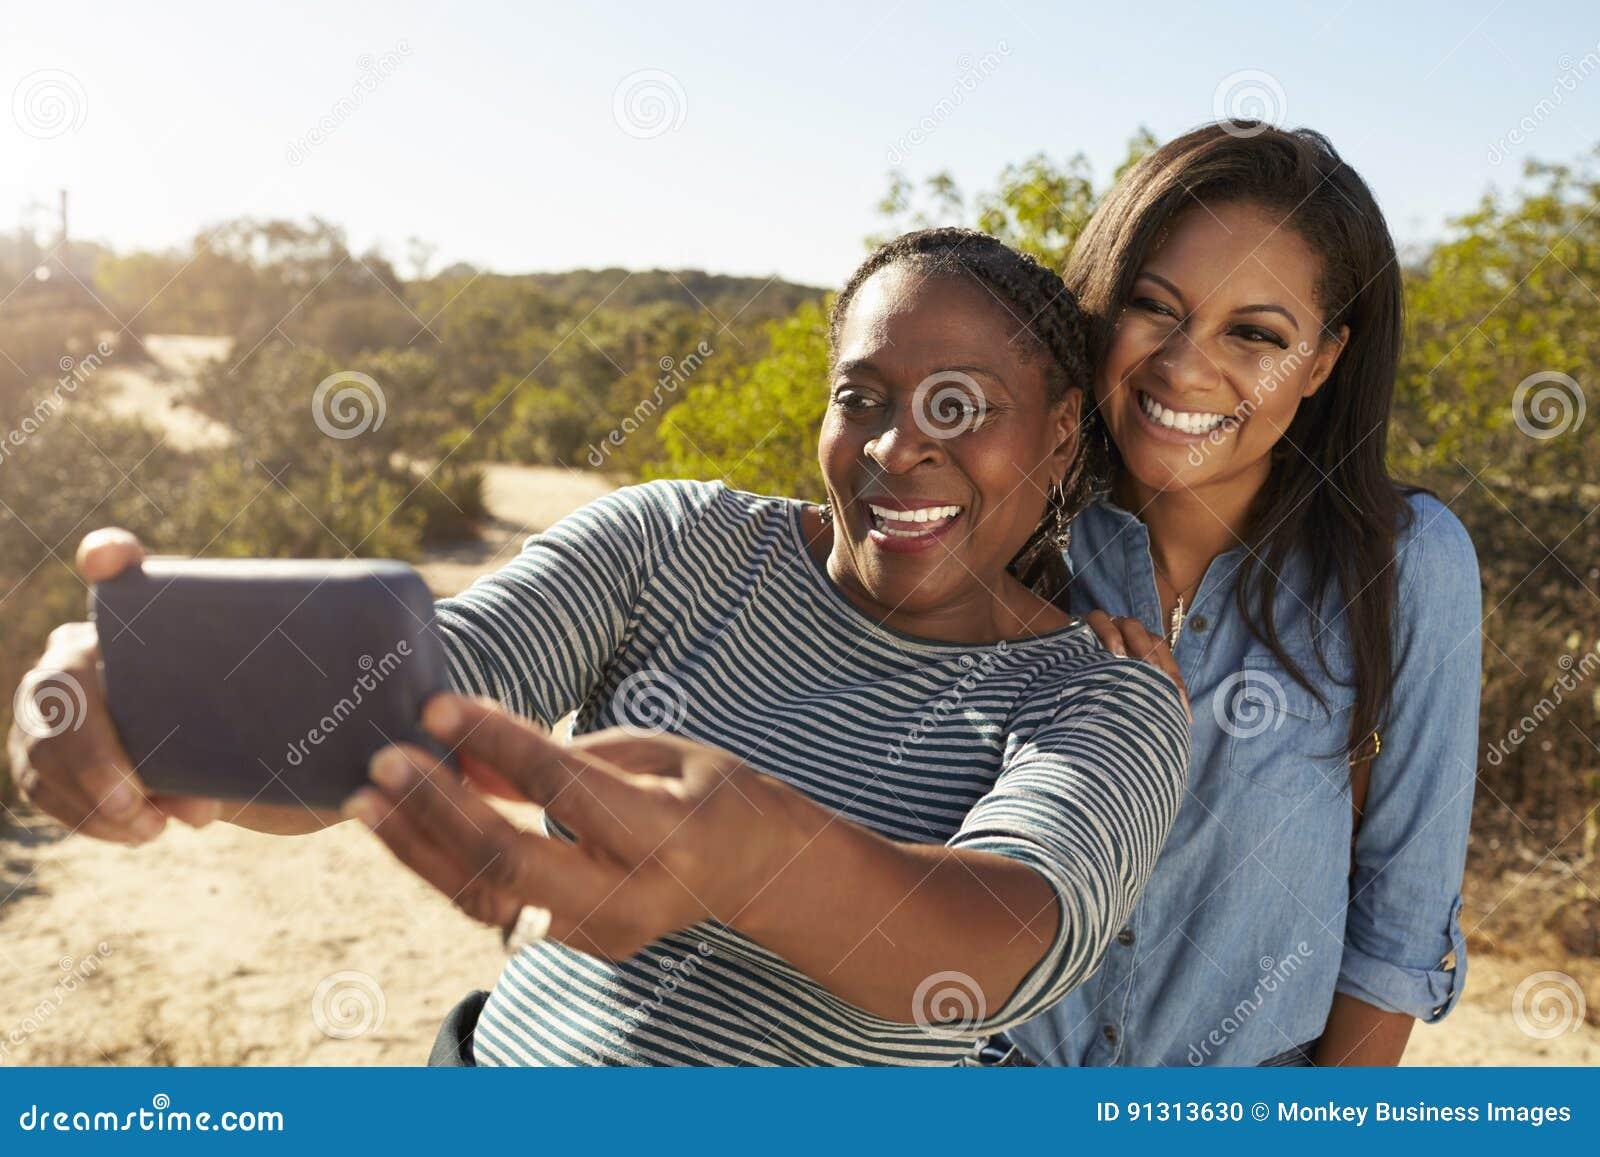 Selfie Mit Deiner Nackten Mutter